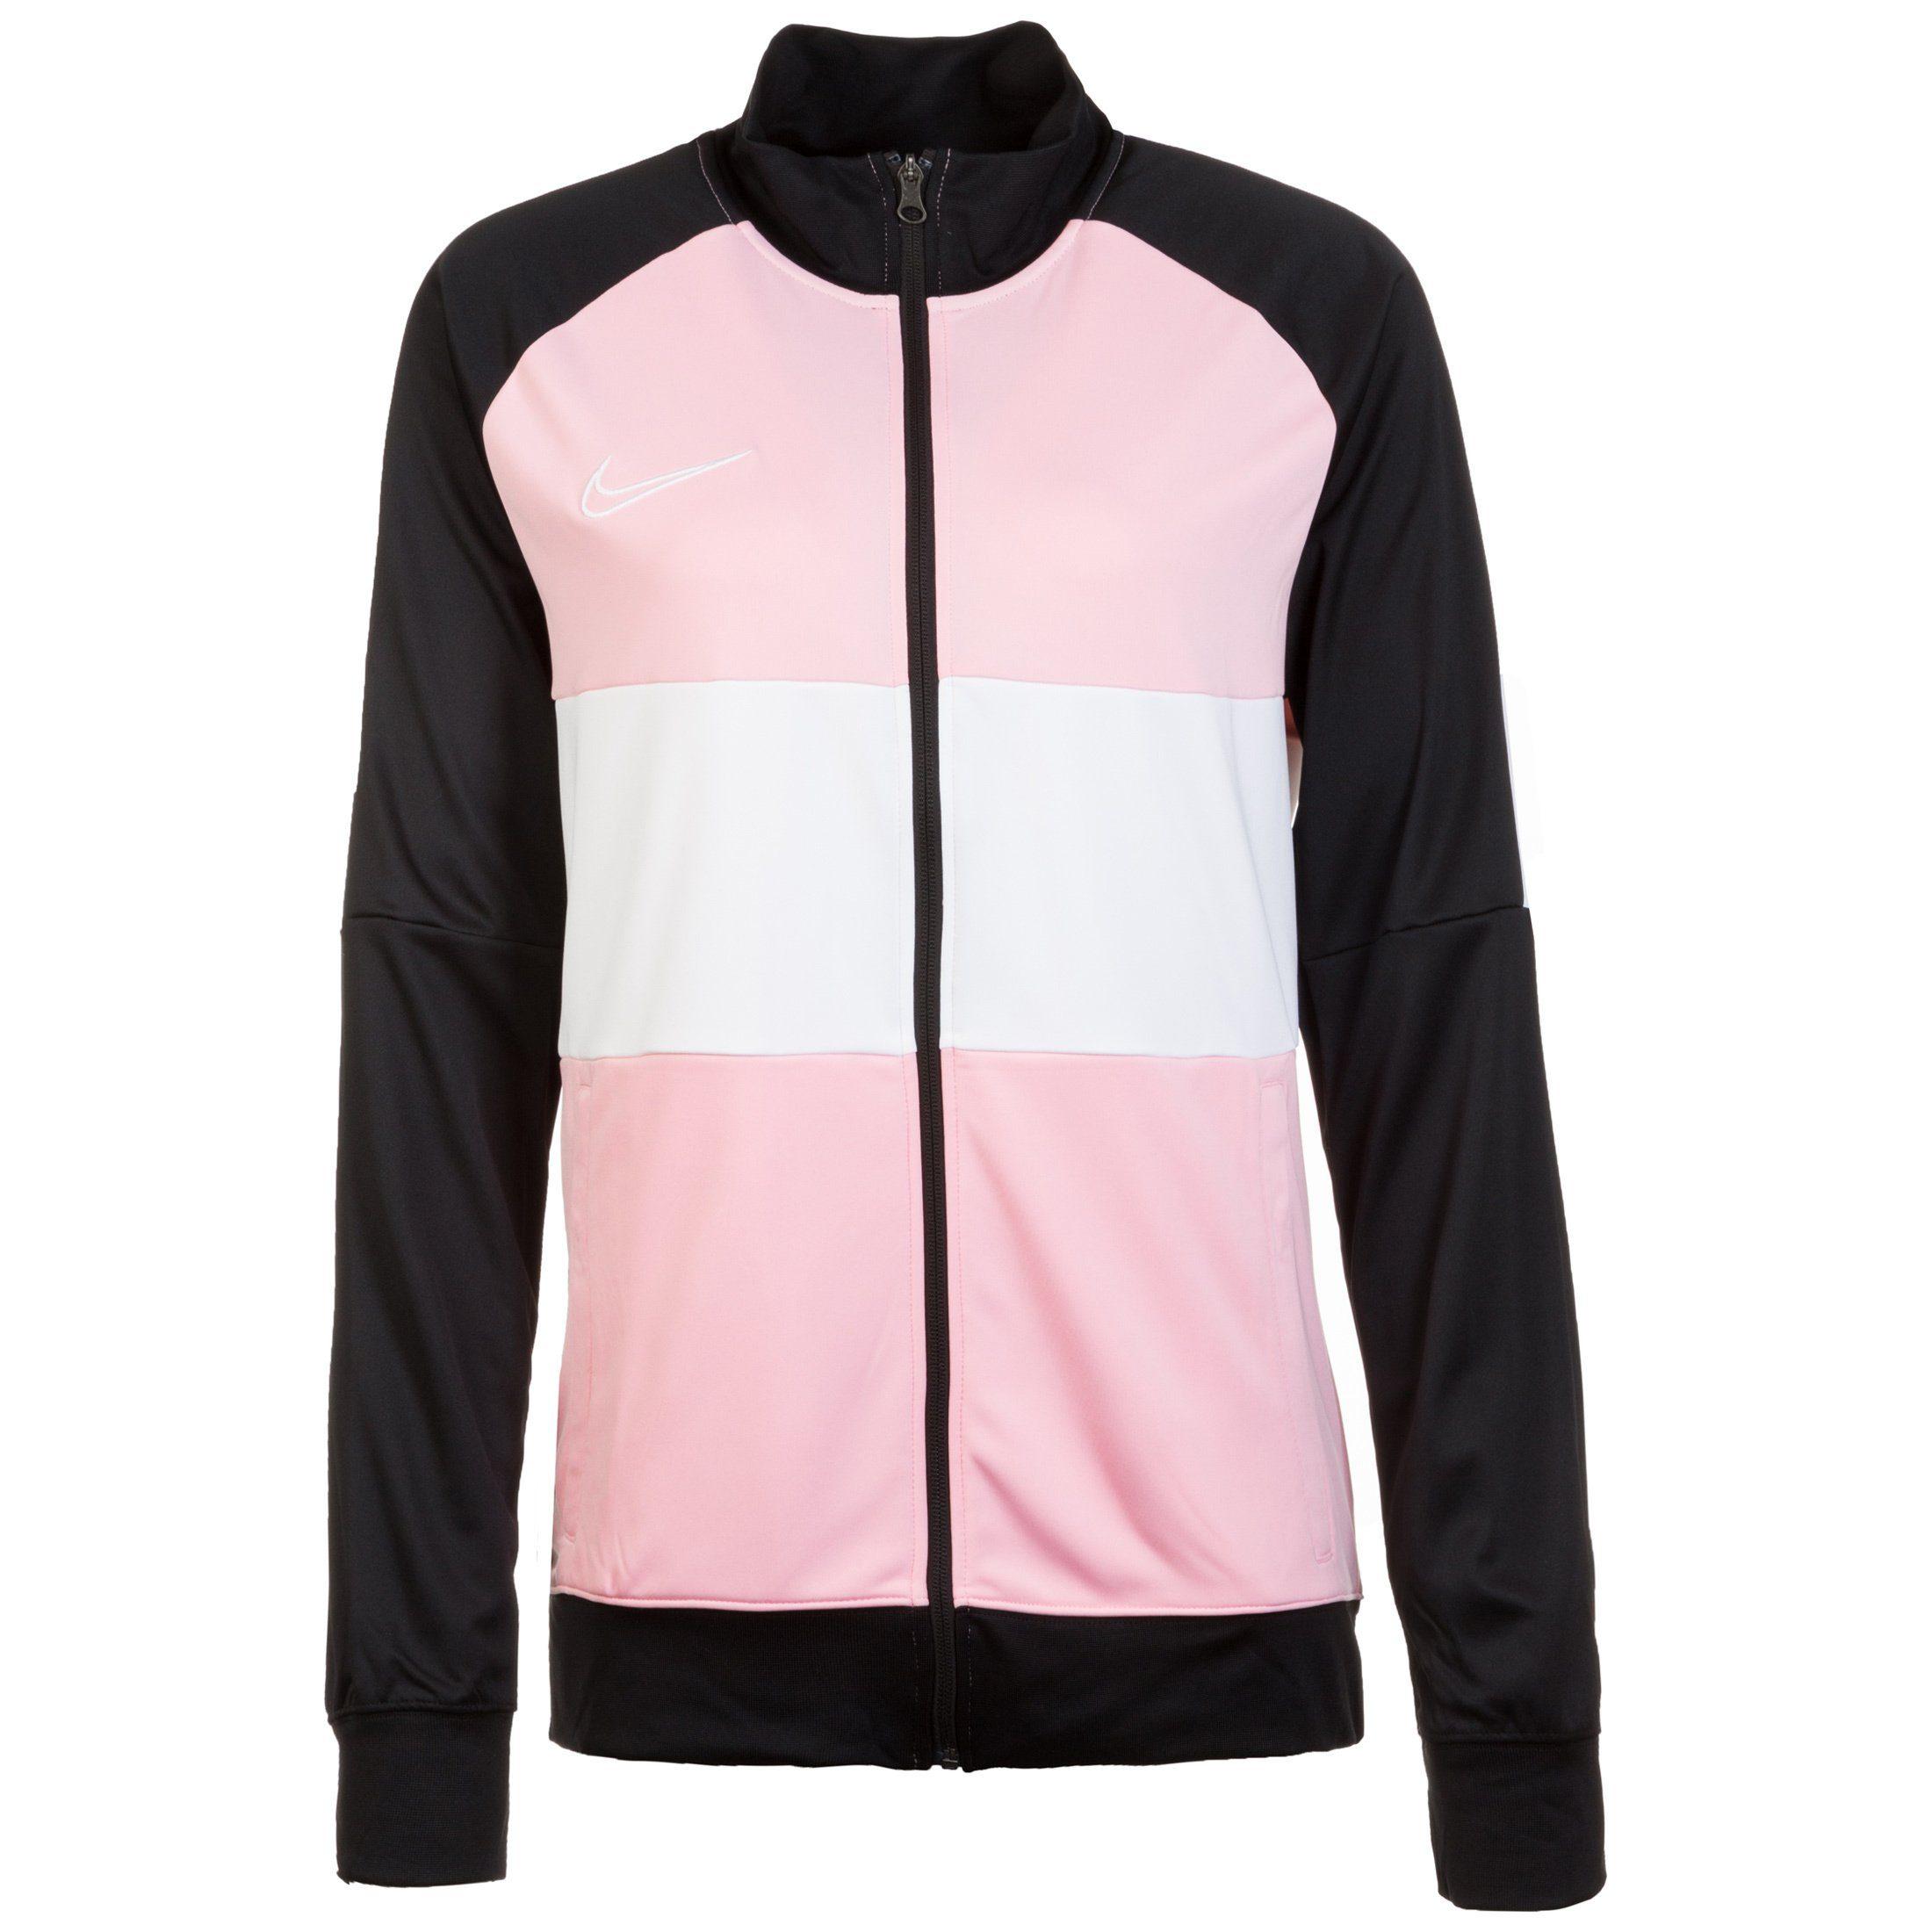 Nike Sweatjacke Dry Academy | Bekleidung > Sweatshirts & -jacken > Sweatjacken | Nike